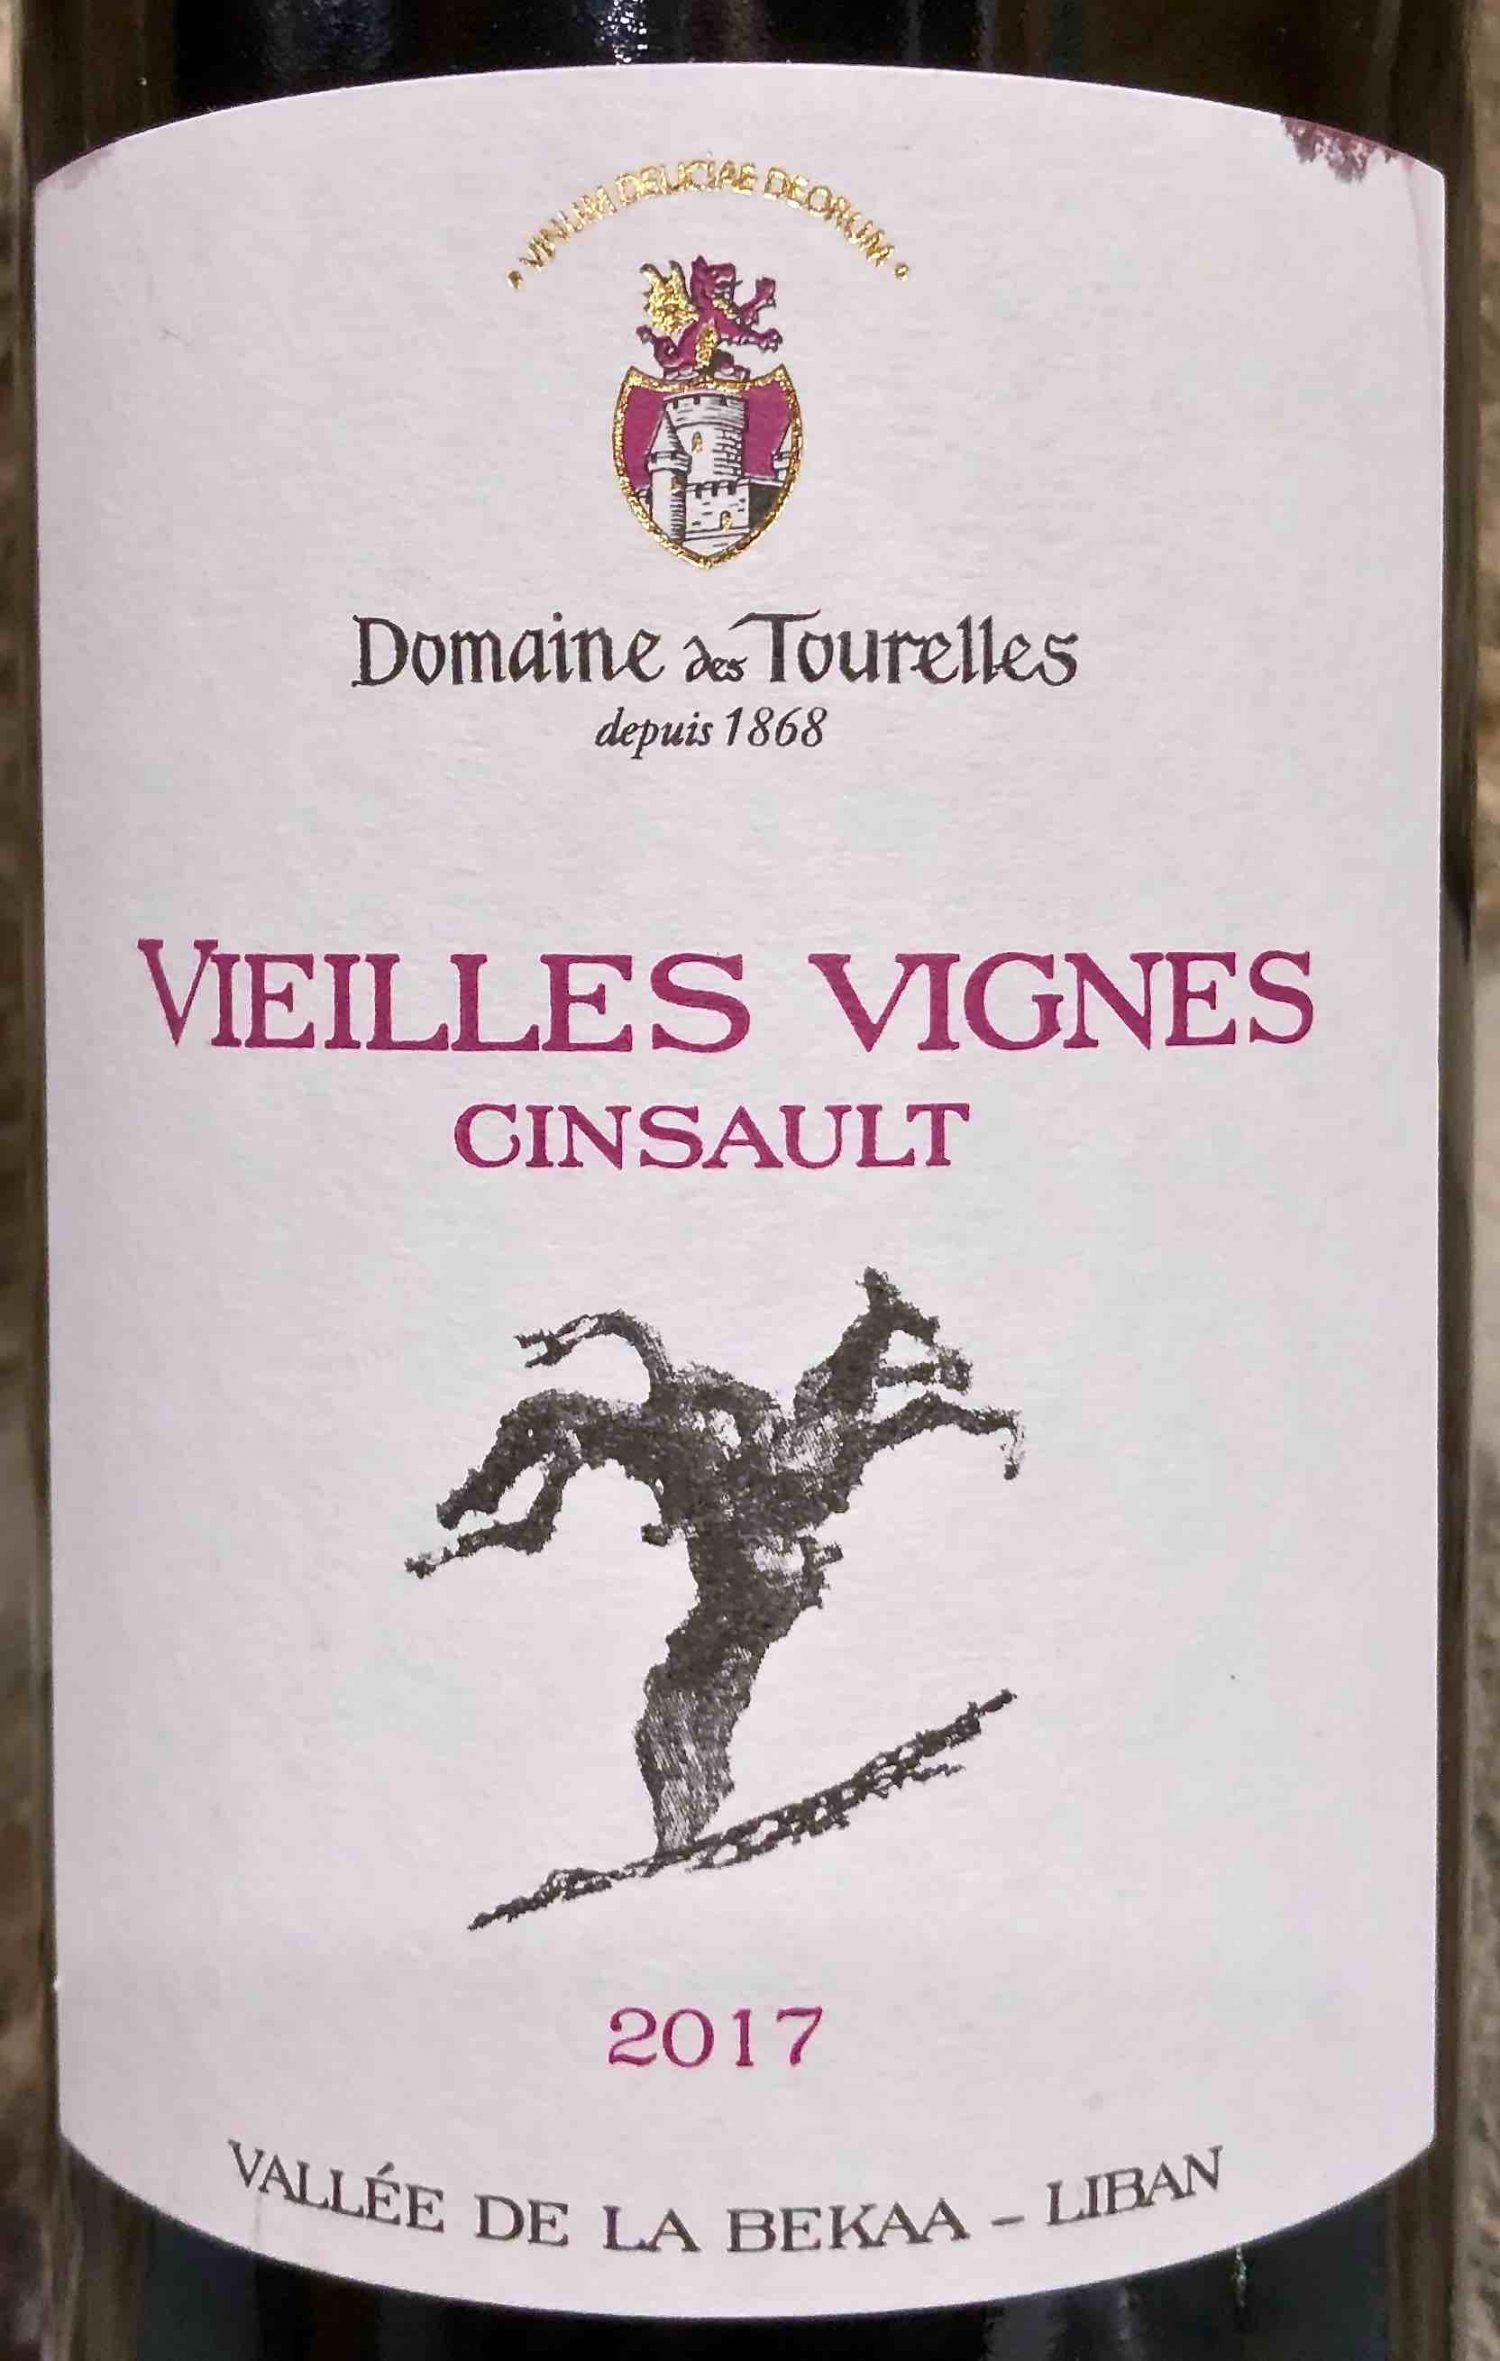 Domaine des Tourelles Cinsault VV